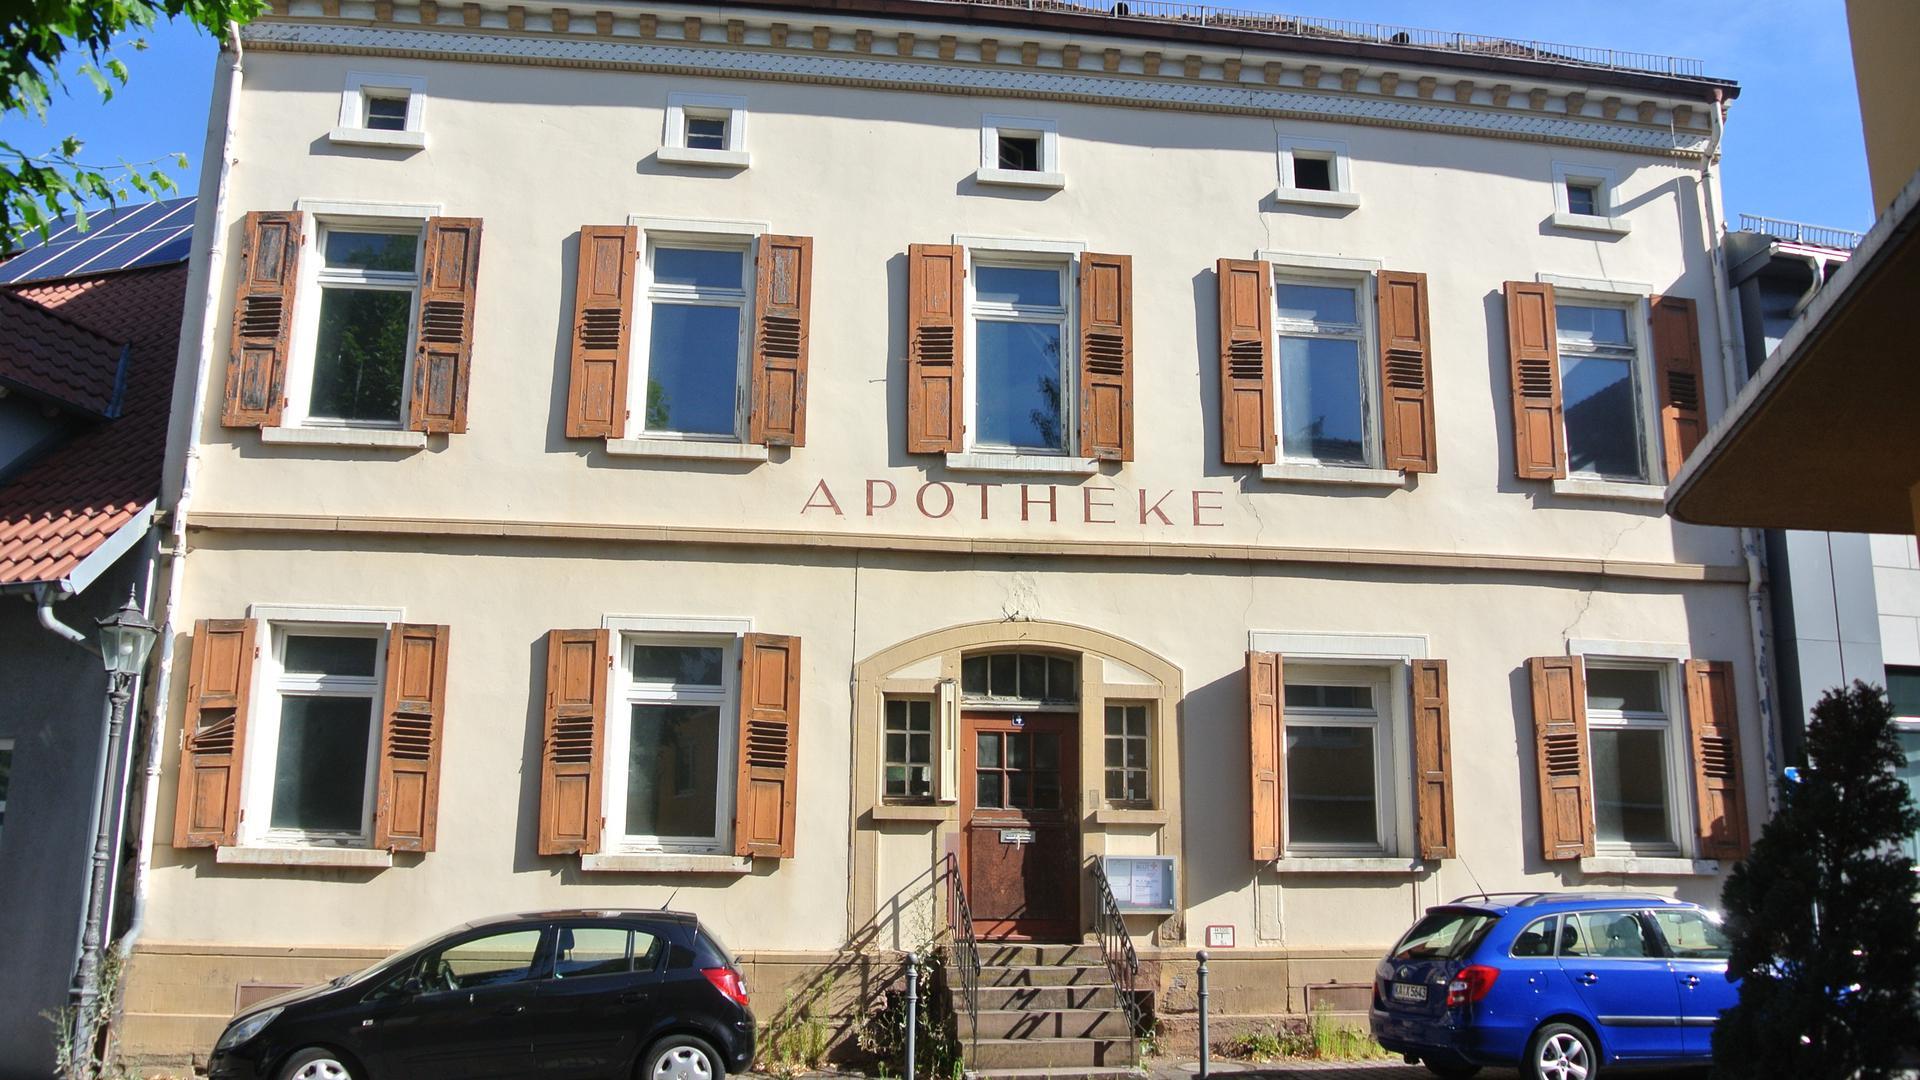 Alte Apotheke Weingarten